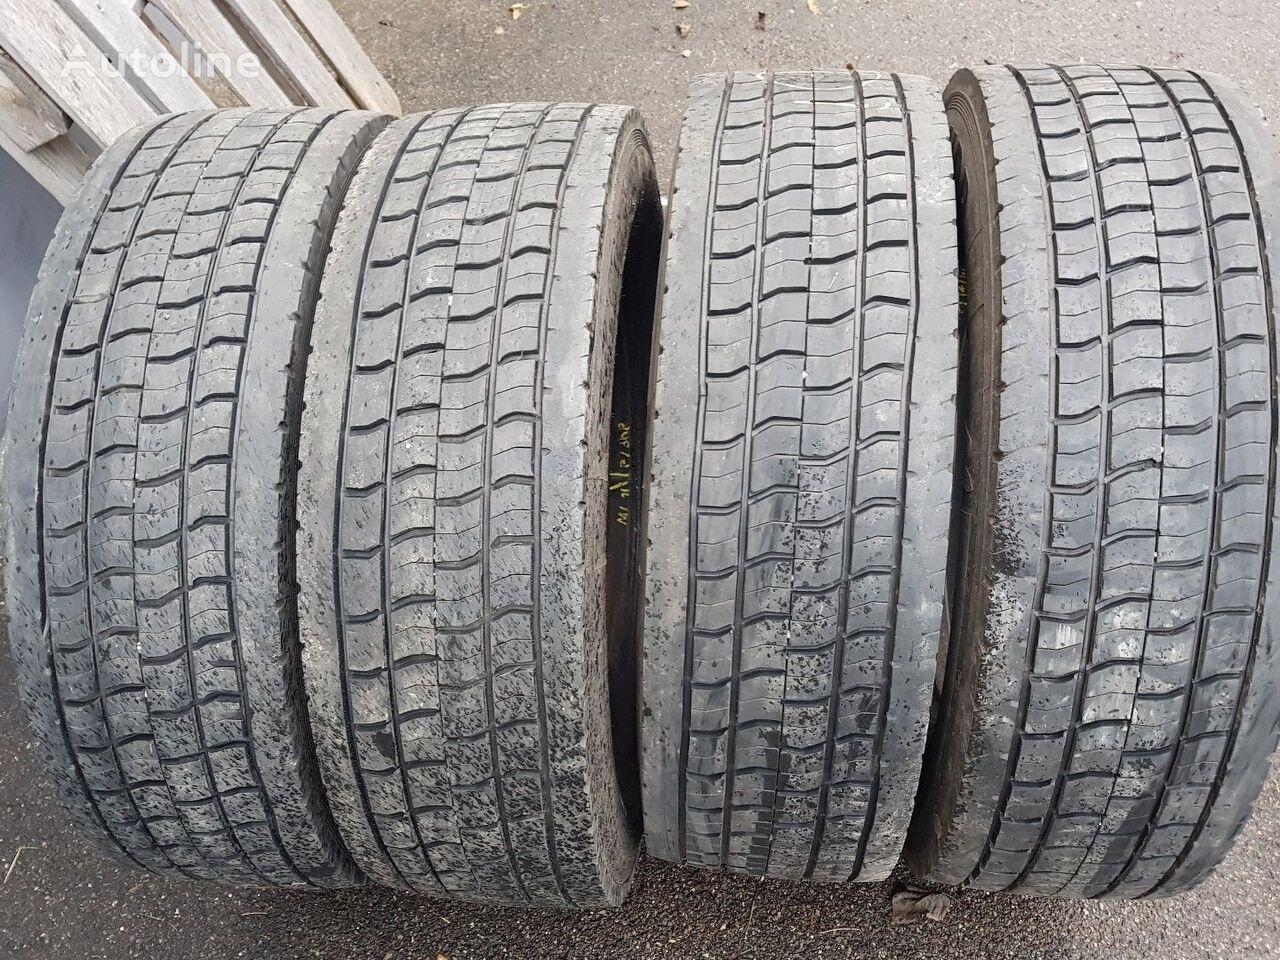 265/70R19,5 * 285/70R19,5 * 305/70R19,5 Gebrauchte light truck tire